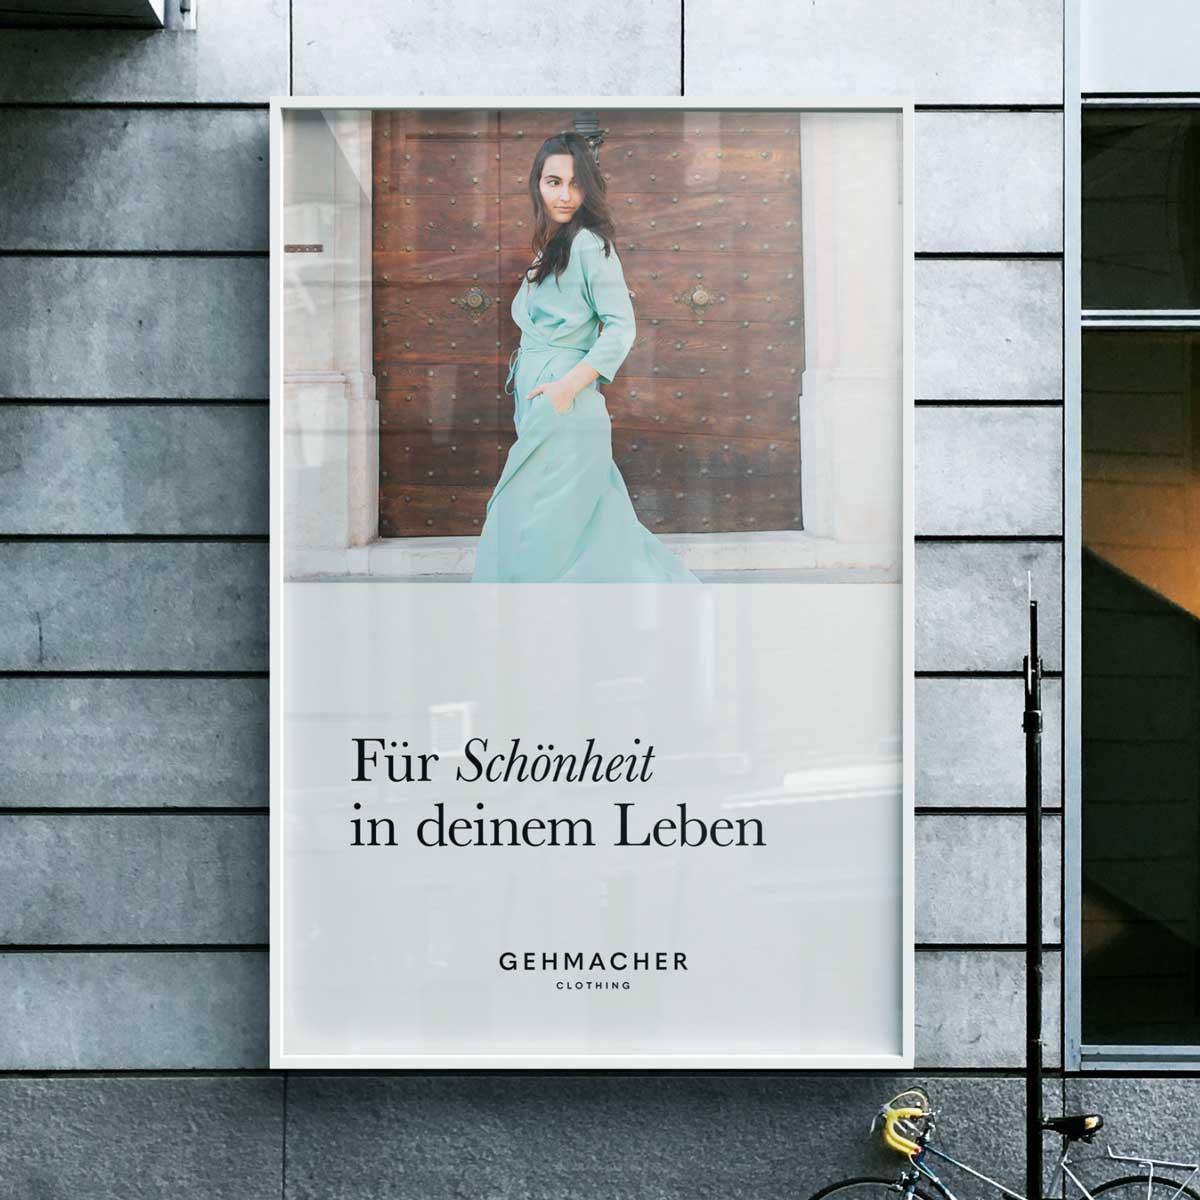 Werbeplakat des Unternehmens Gehmacher